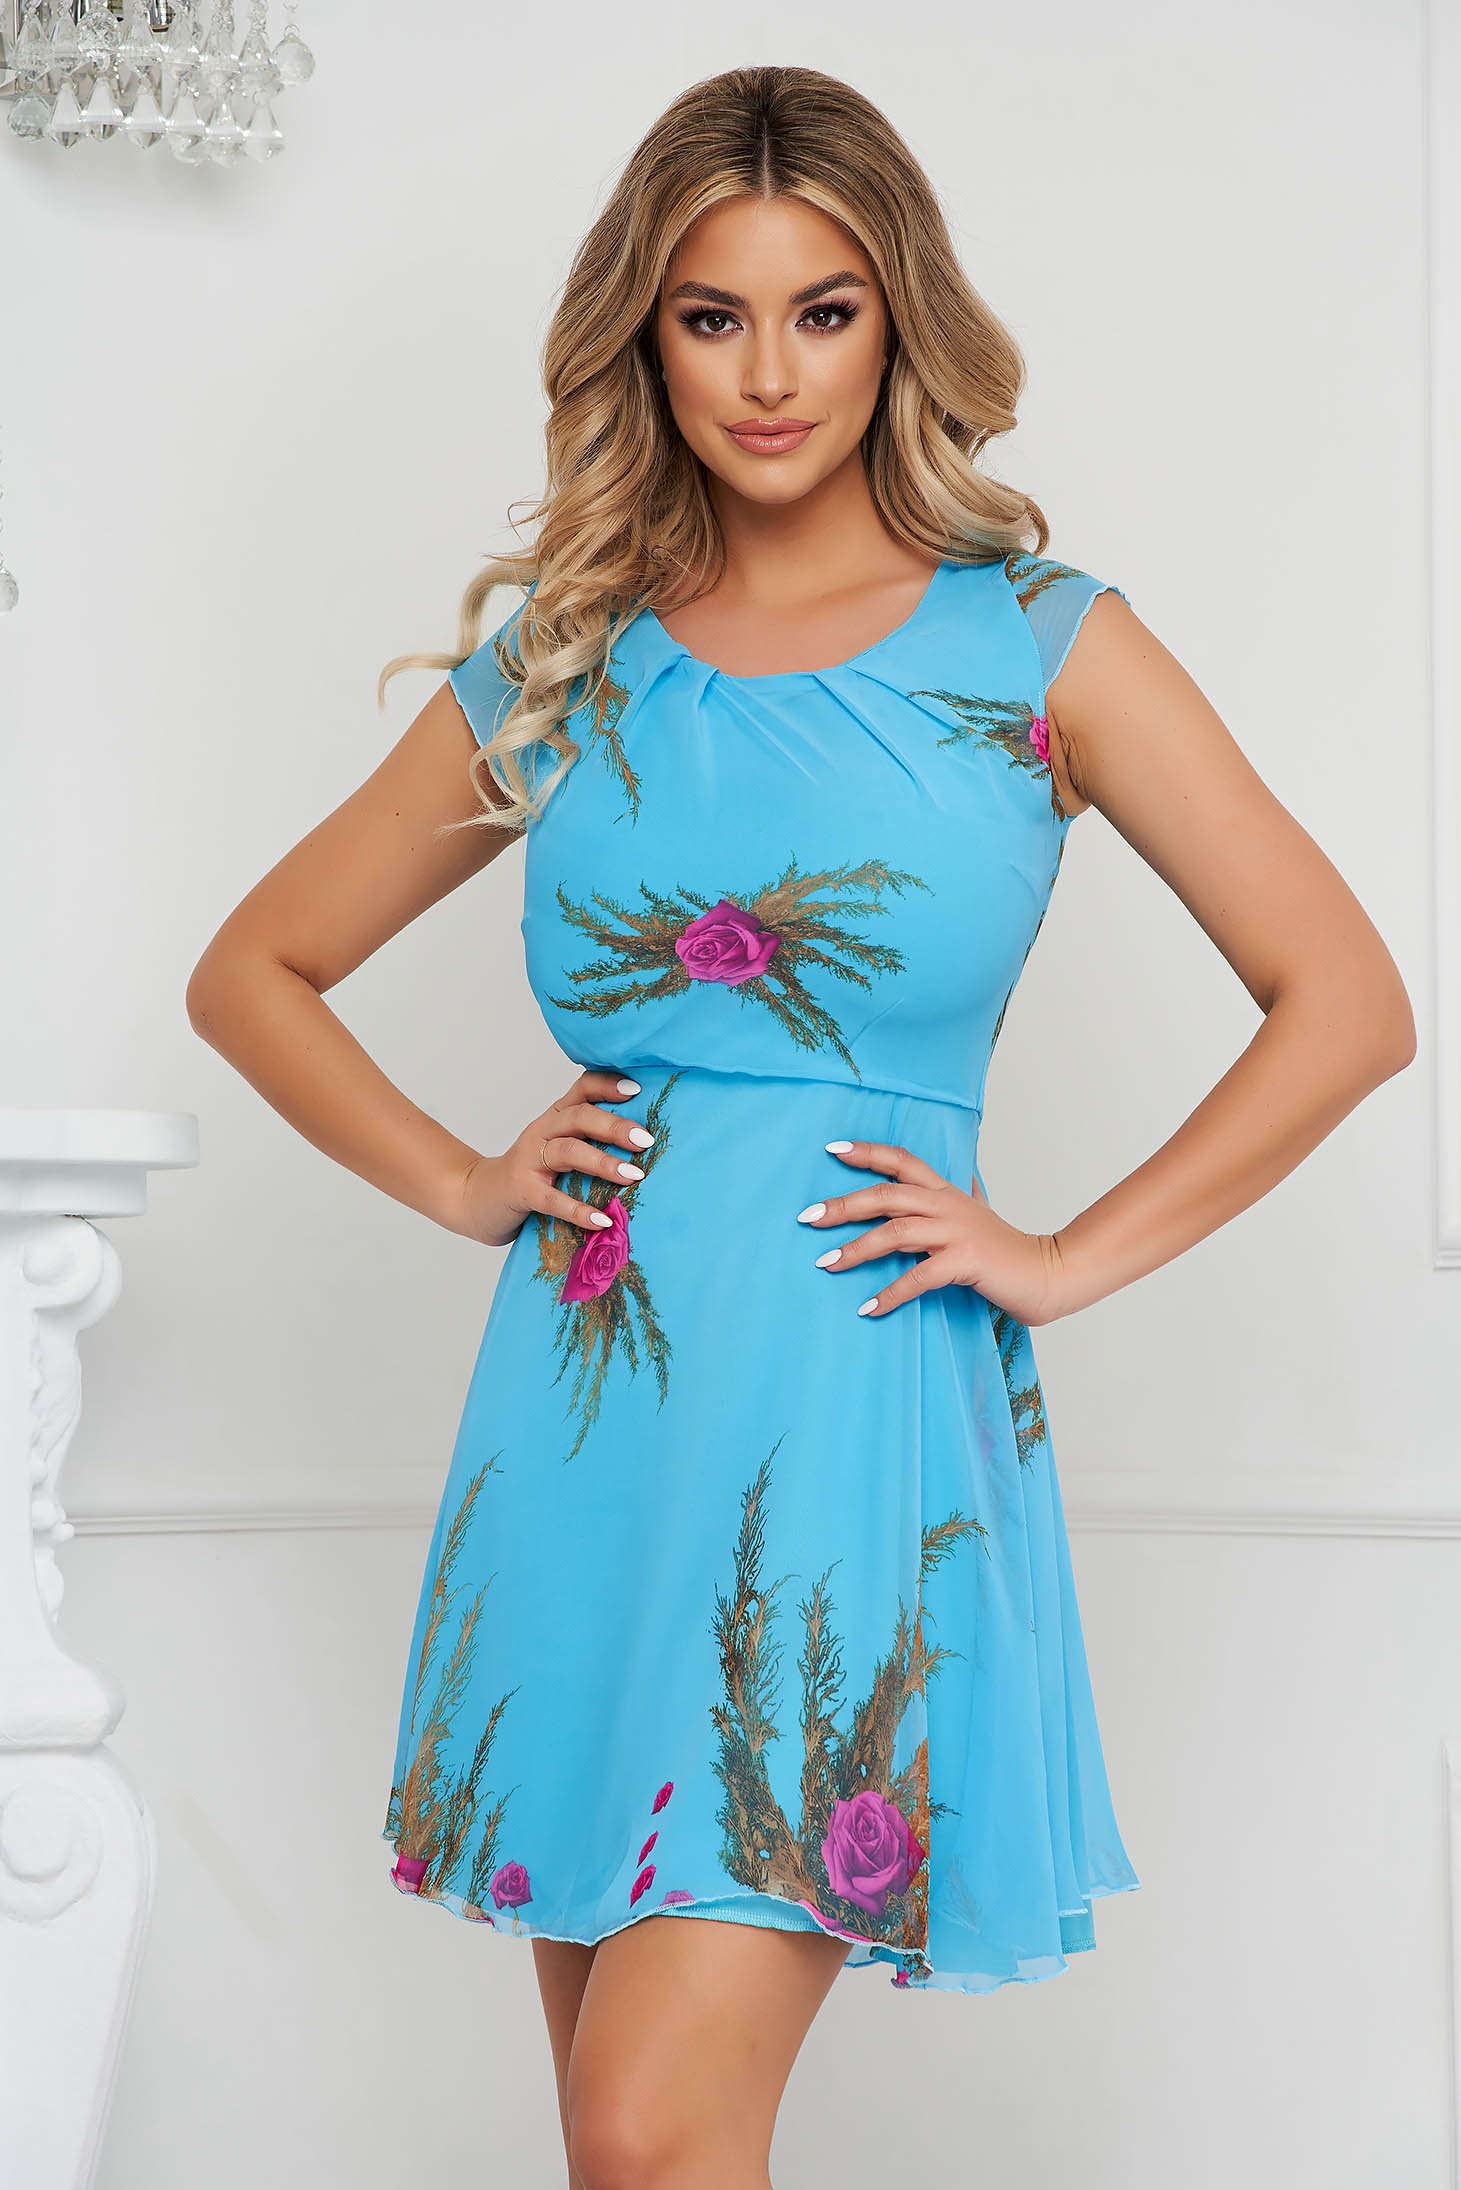 Rochie albastra scurta in clos din voal cu maneci scurte si imprimeu floral